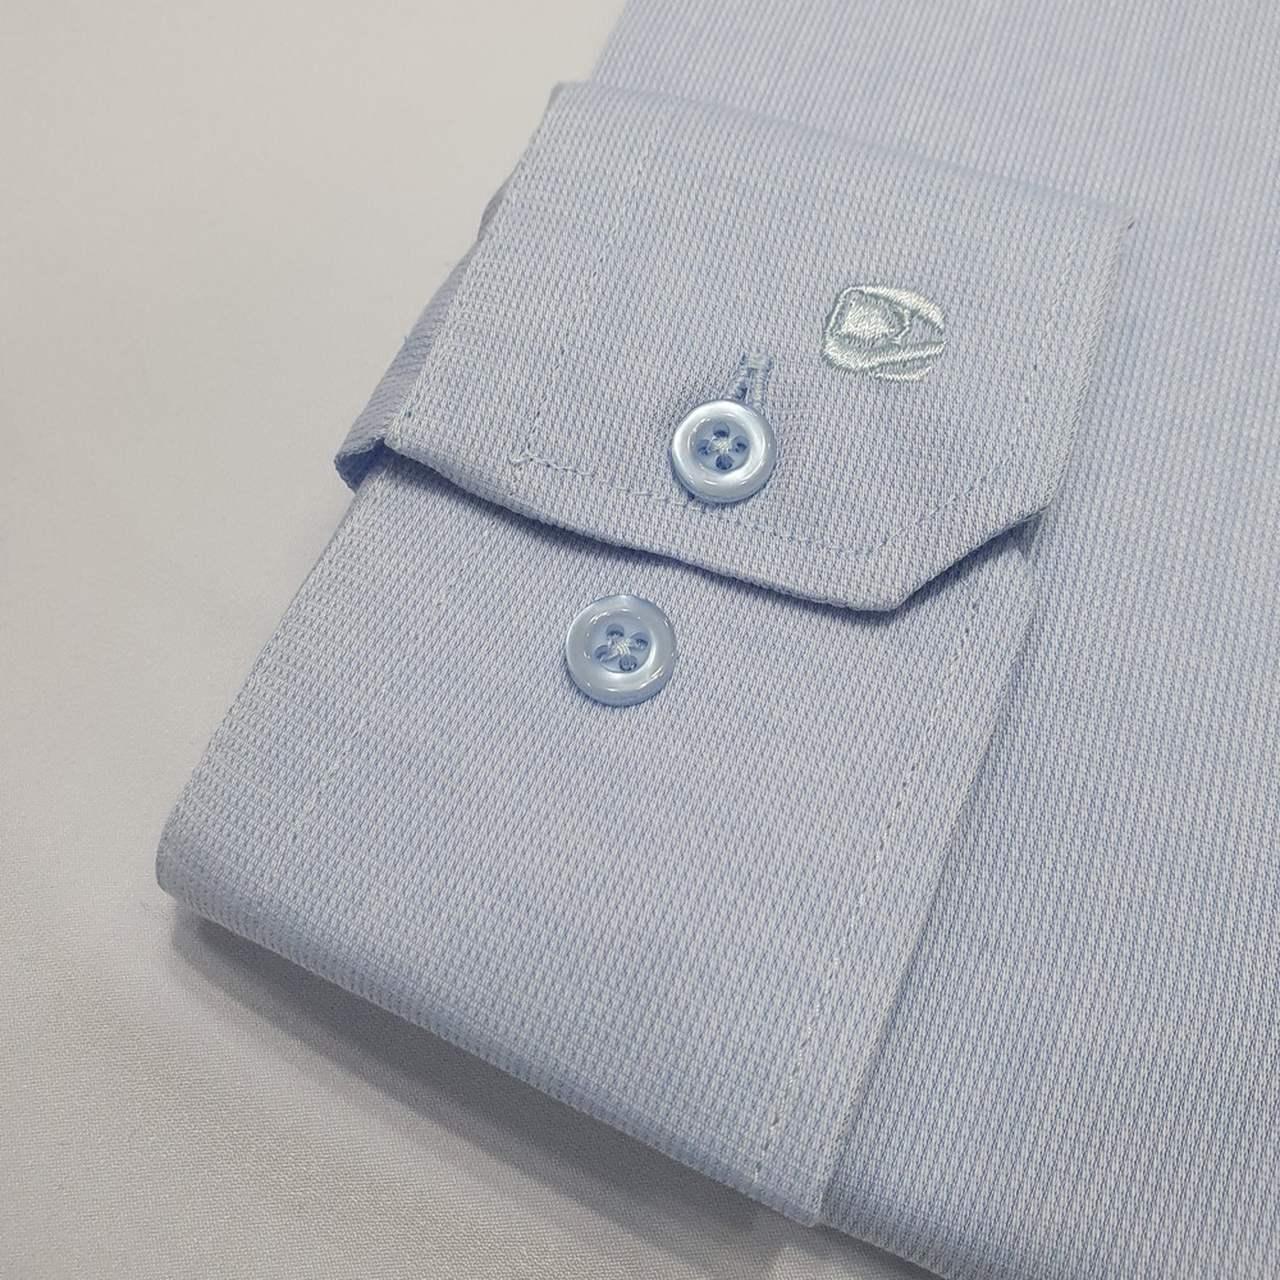 Camisa Manga Longa Executivo - Mount Vernon  - Successful´Man - Moda Masculina